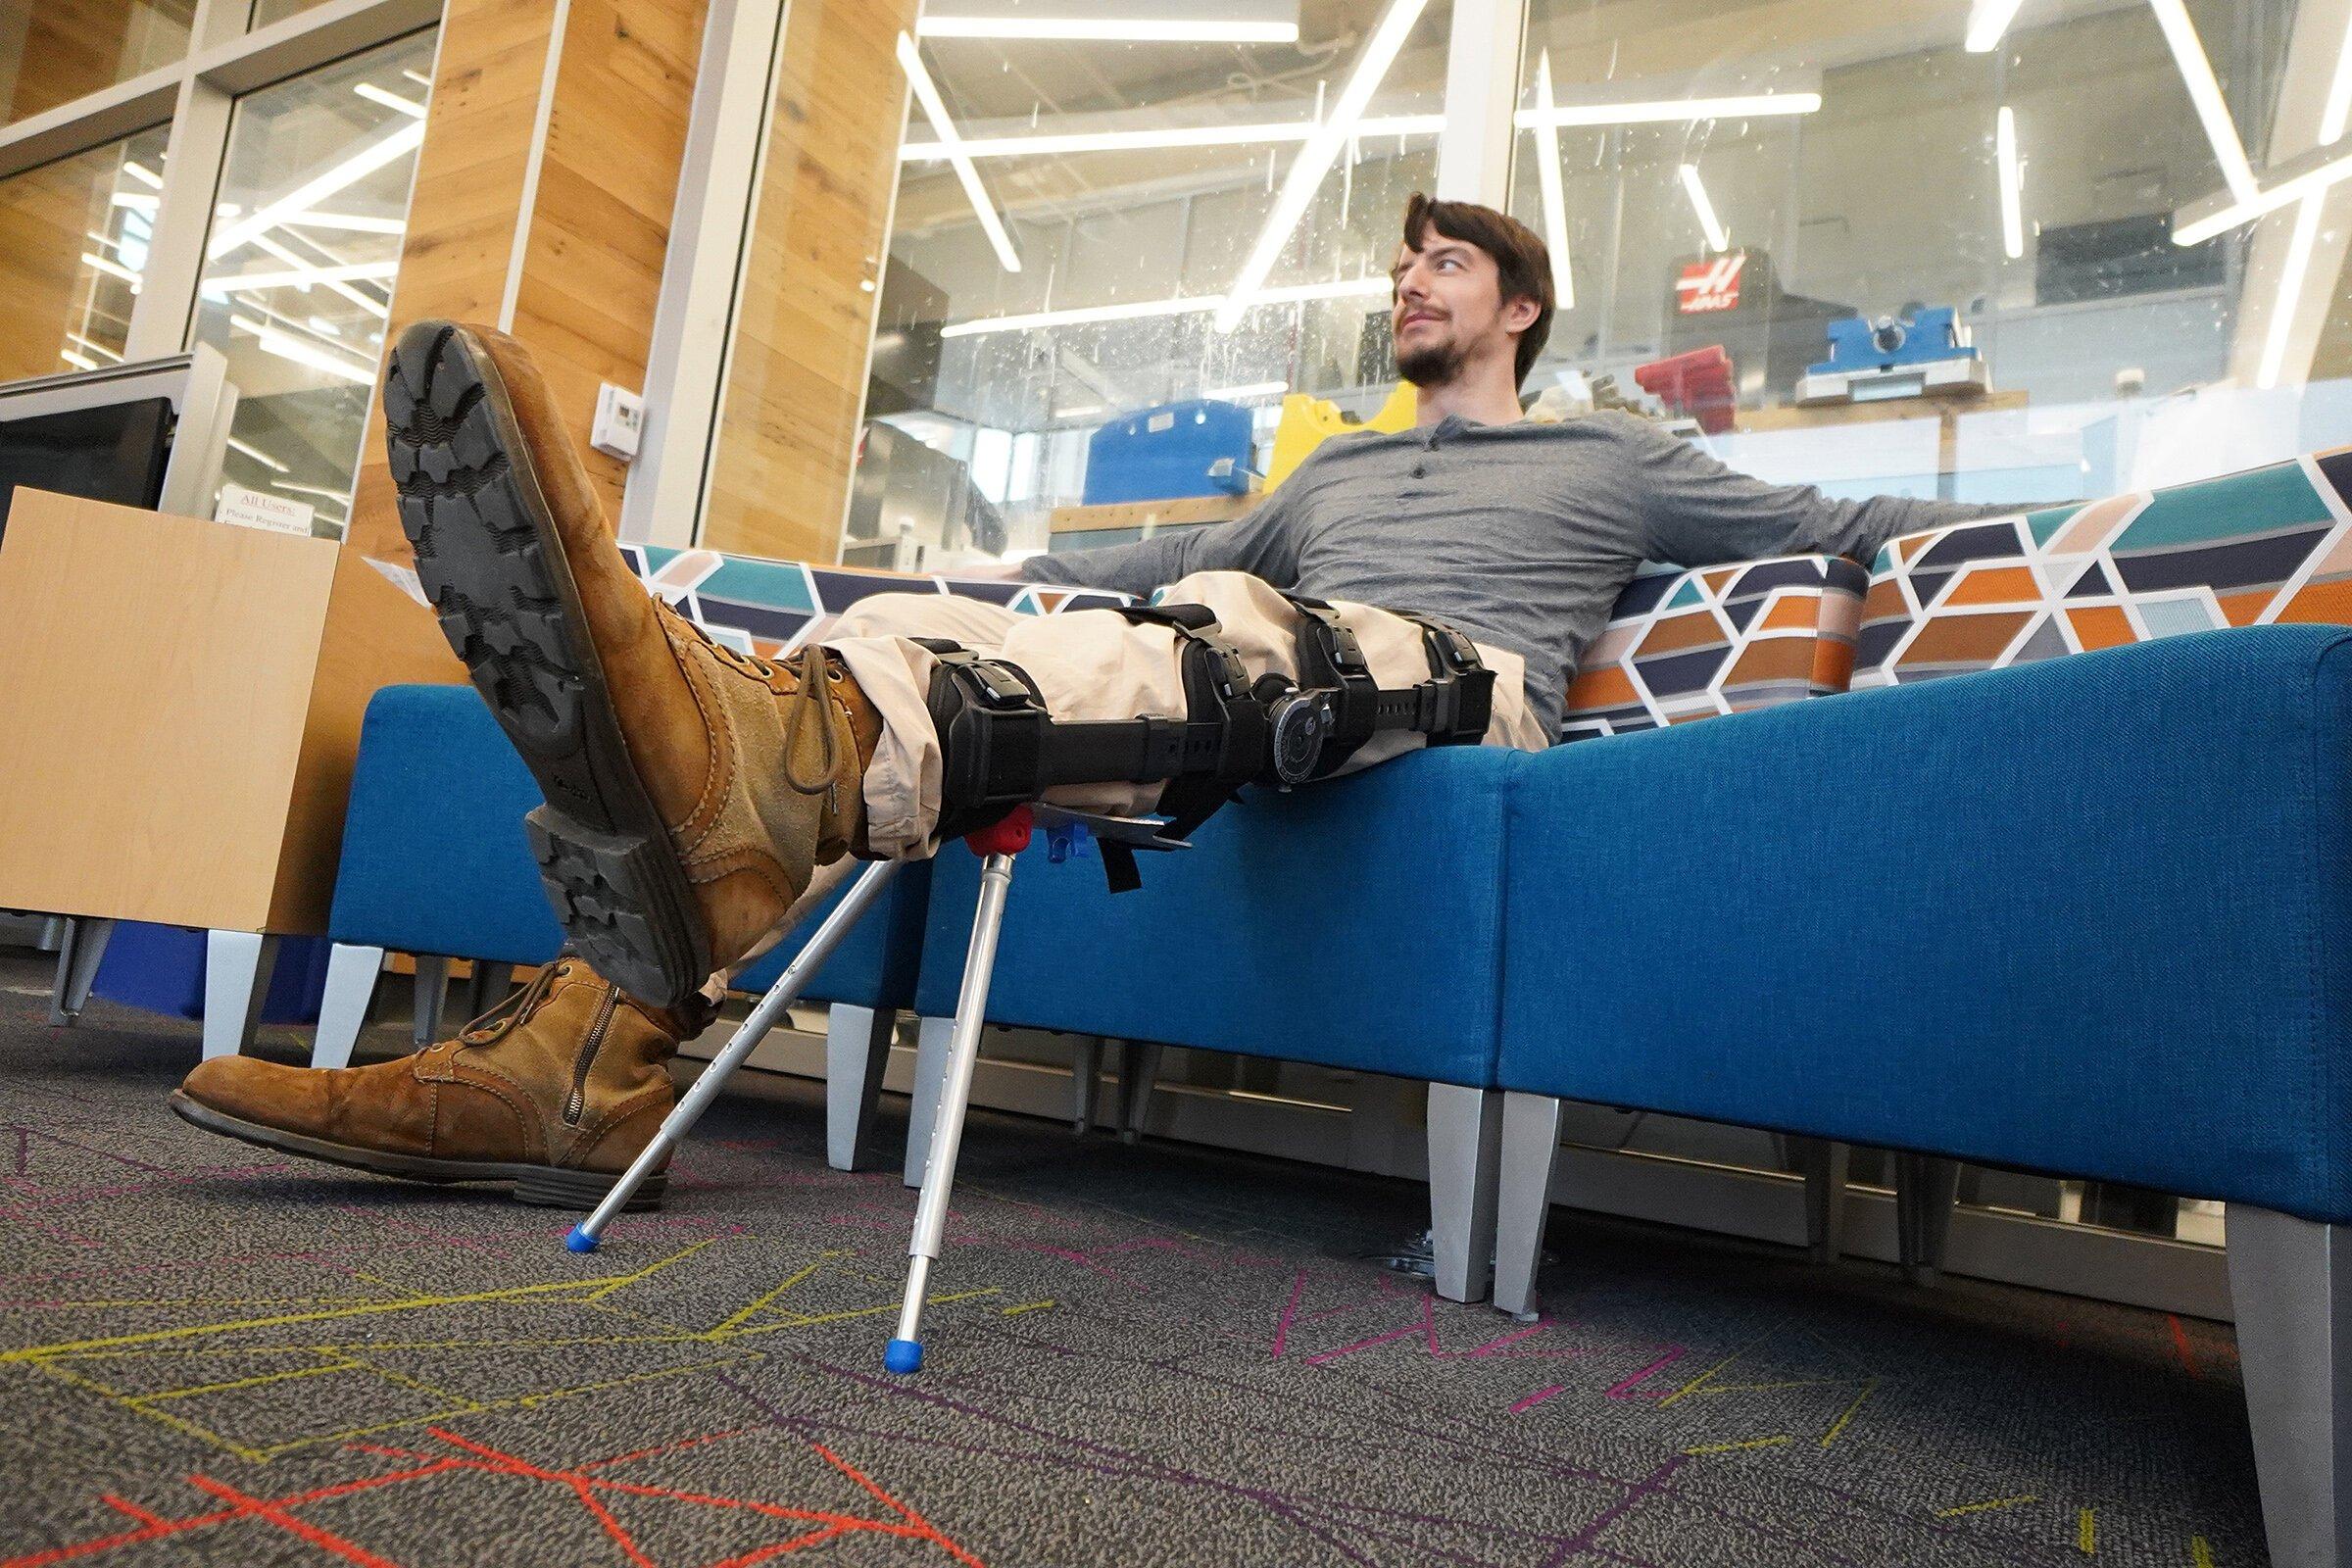 Bein Klammer mit einem Ständer konnte Linderung der Beschwerden für diejenigen, die Heilung von Bein-Verletzungen